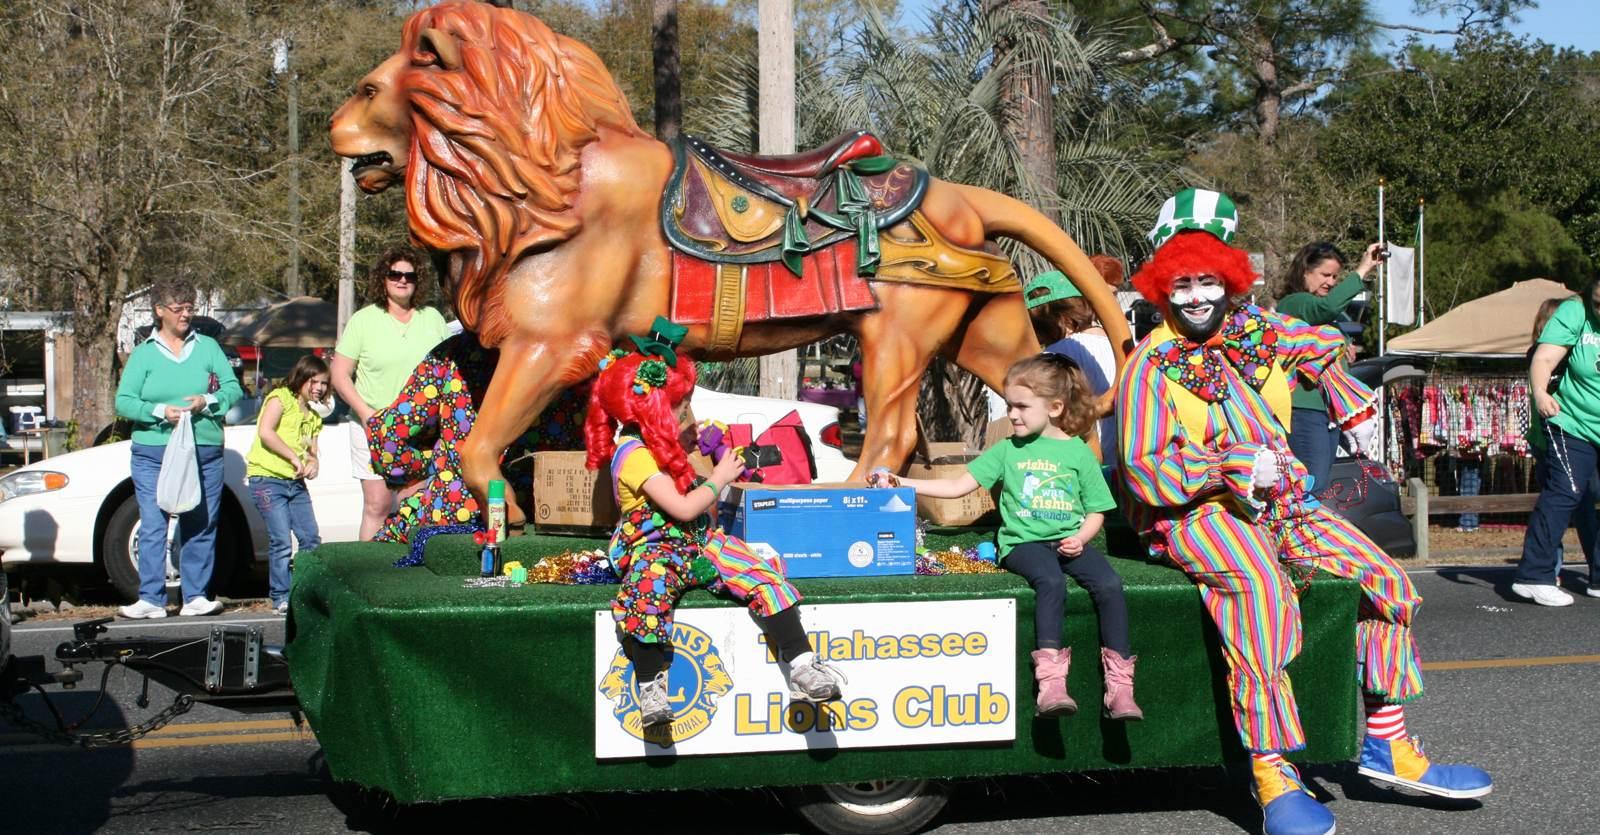 Lion's Club St. Patrick's Day Celebration